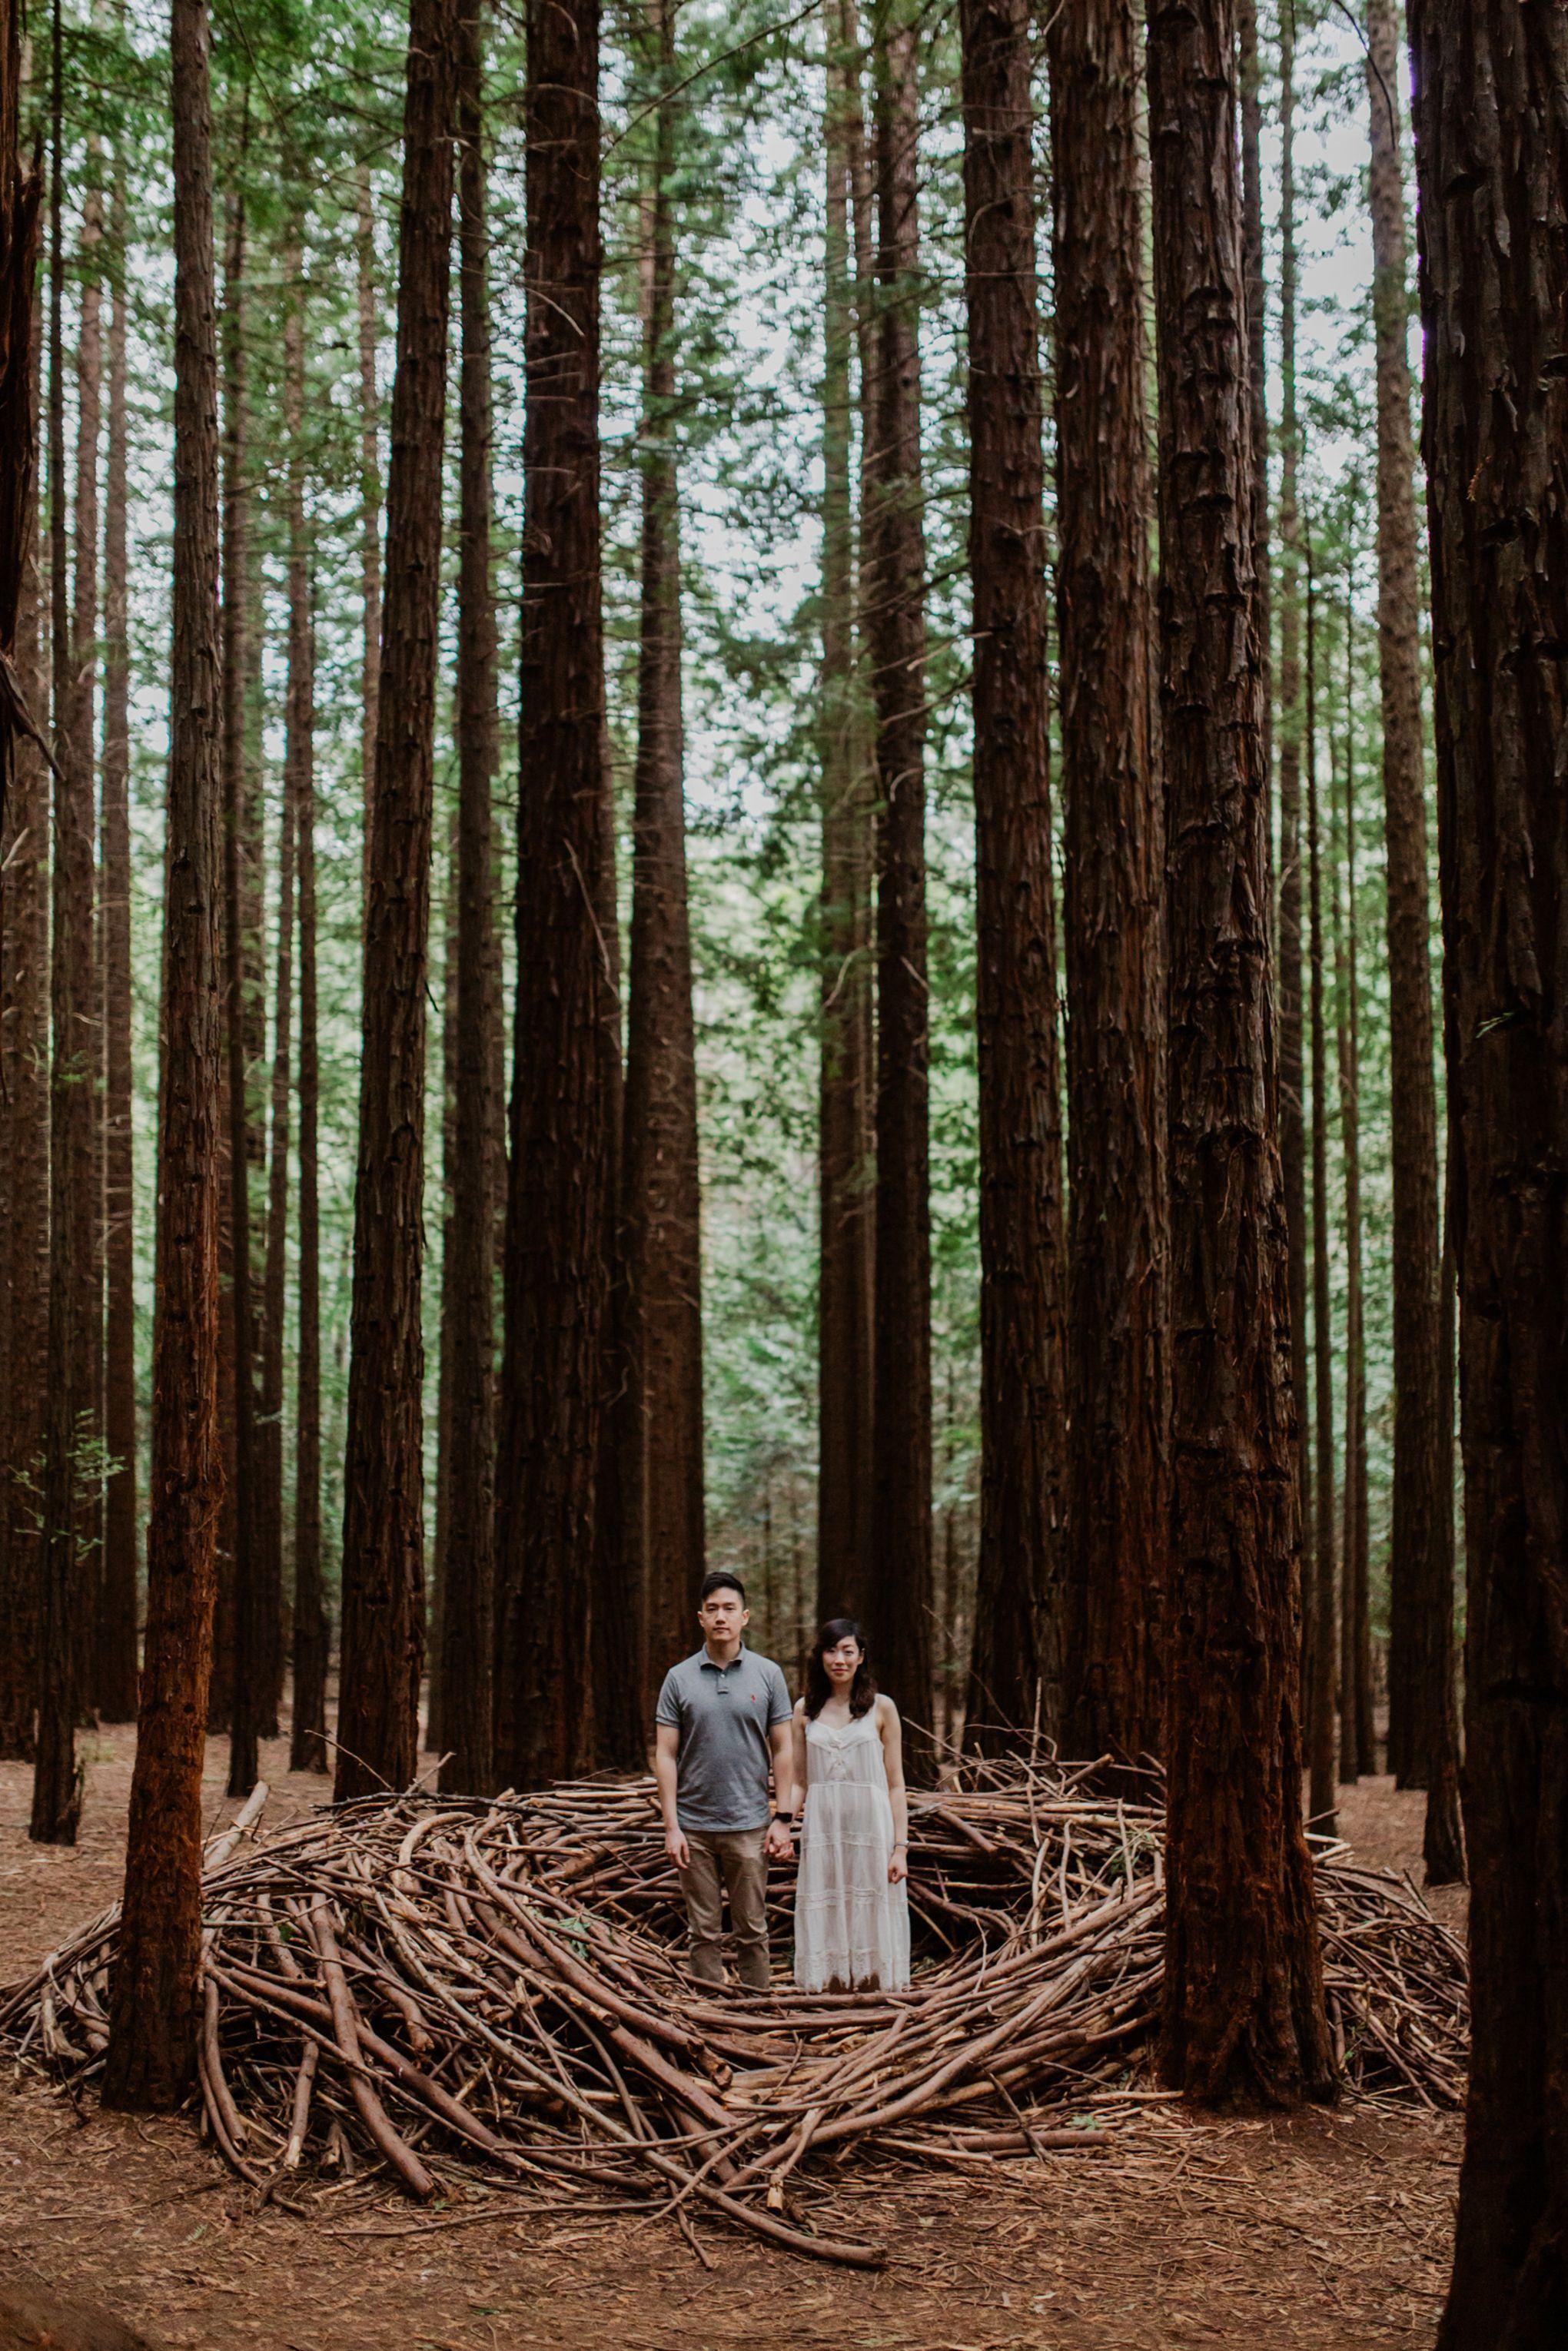 Marvelous Redwood Forest Wedding Anniversary in Warburton